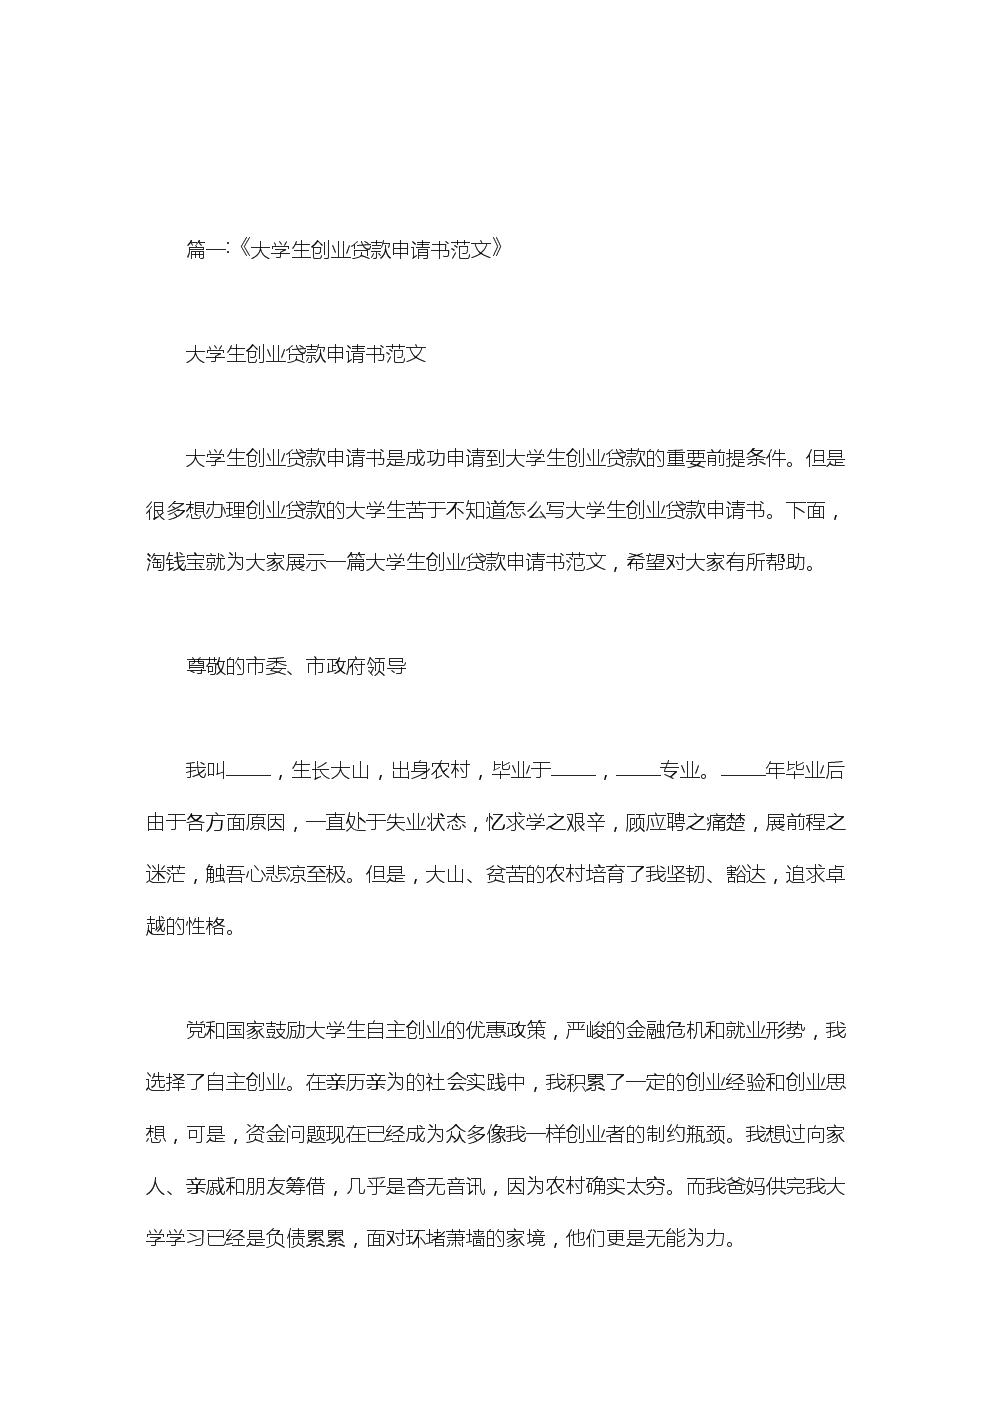 大学申请贷款理由范文.doc